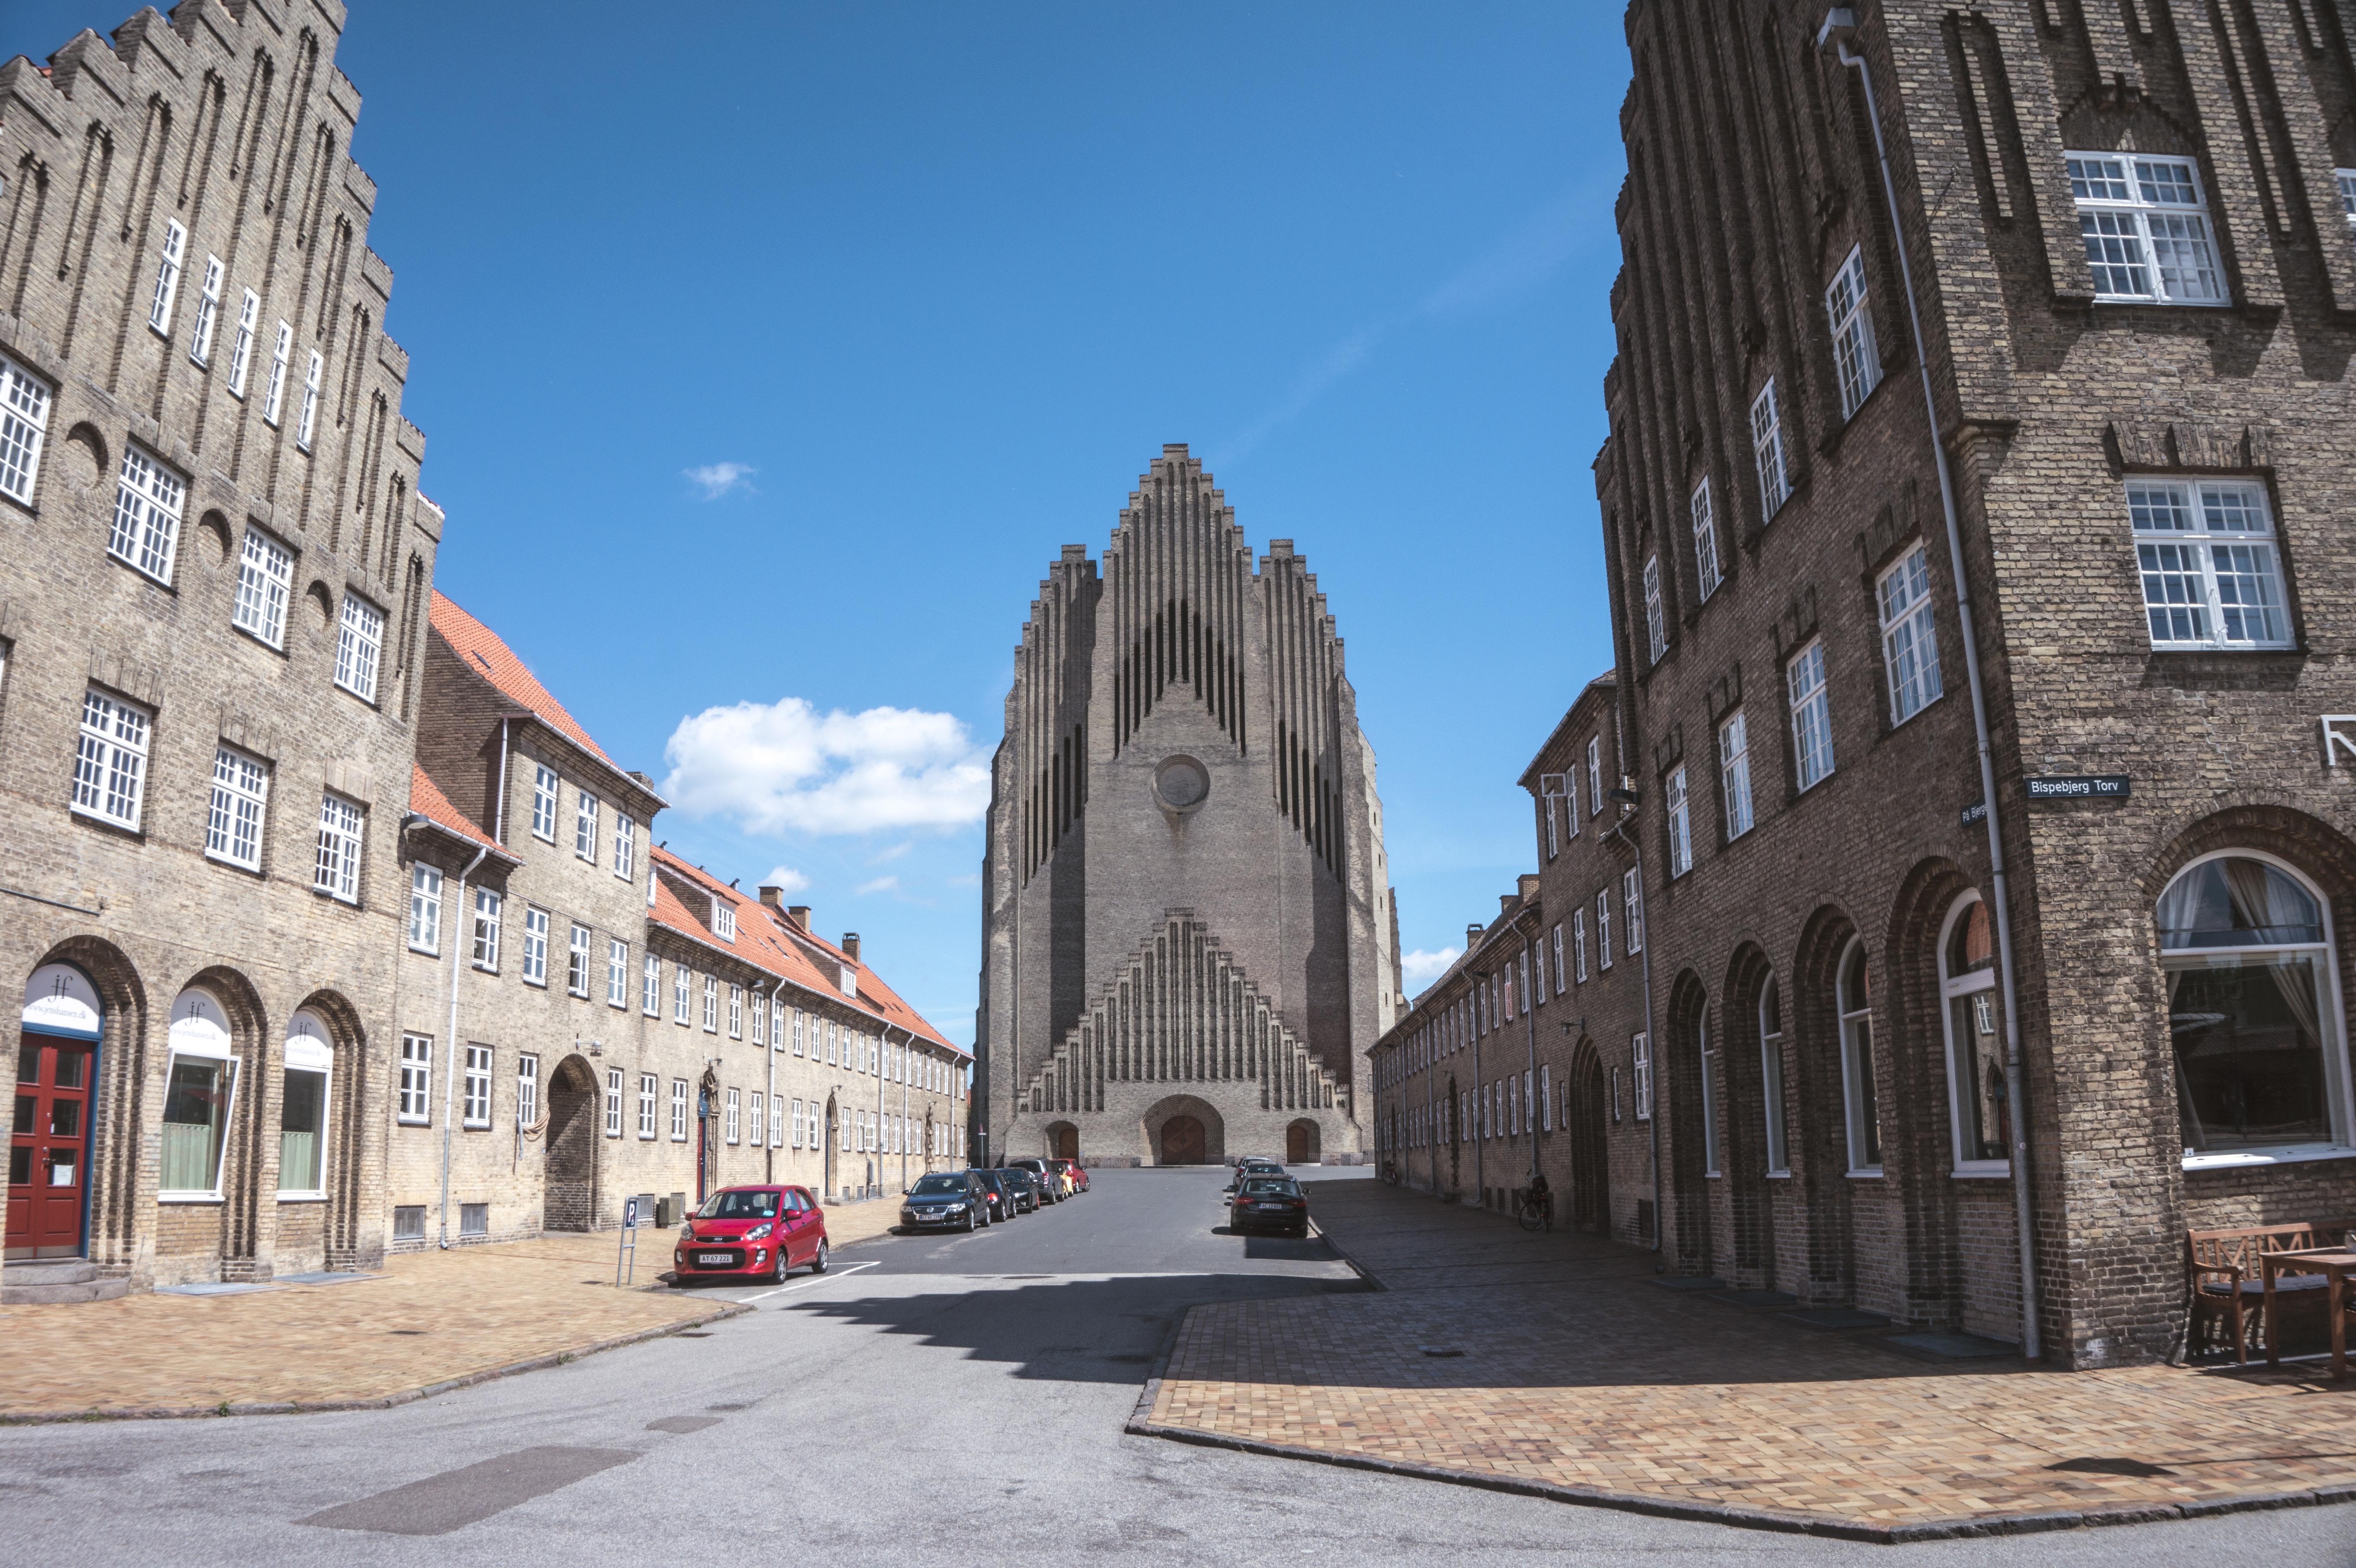 Shoot In Denmark